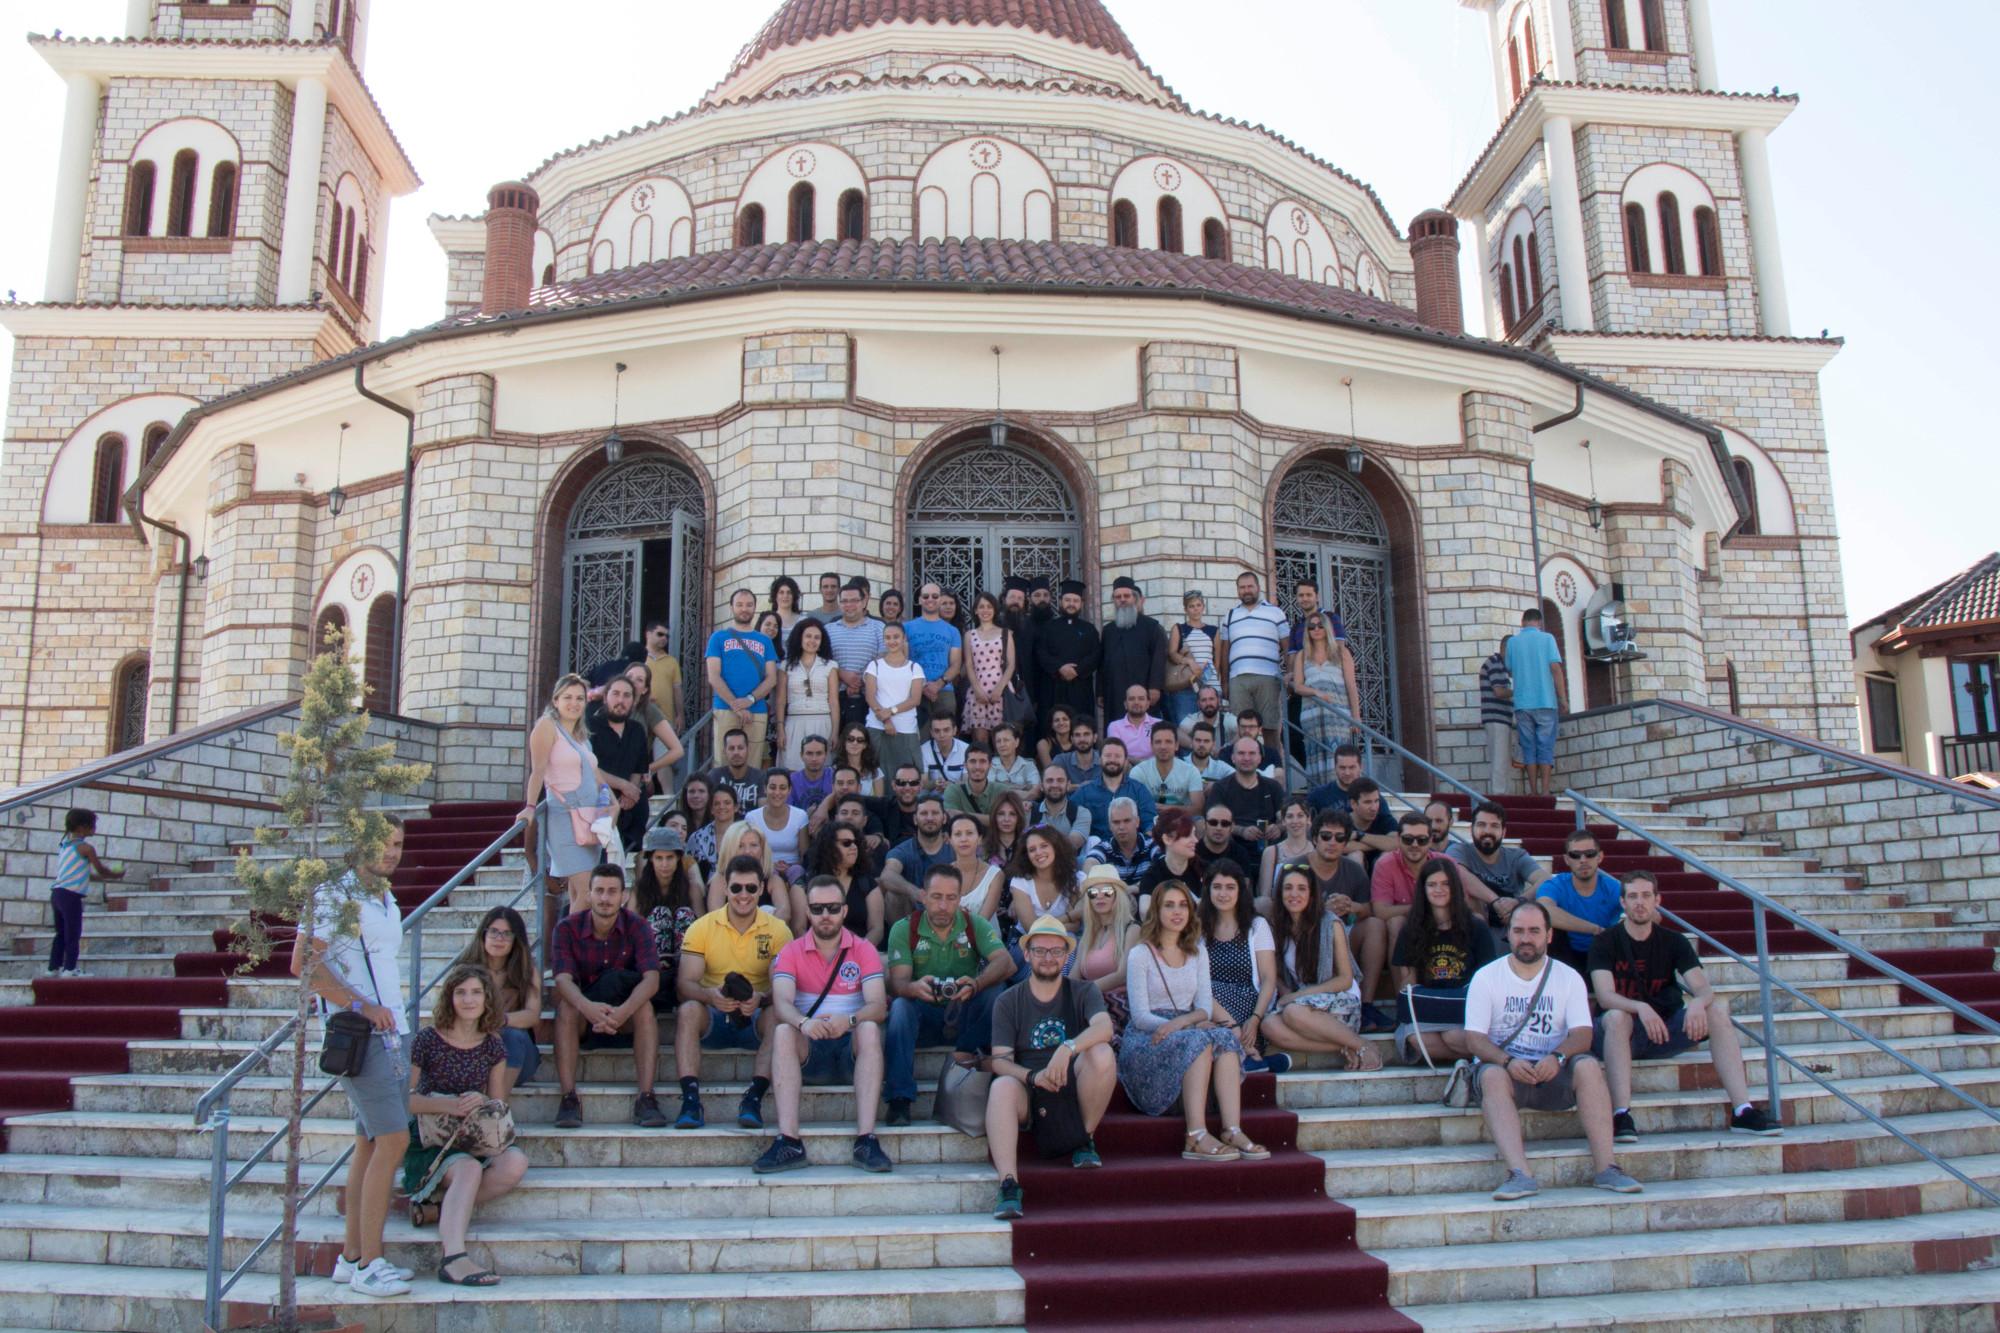 Ιερός Καθεδρικός Ναός Ανάστασεως του Σωτήρος στην Κορυτσά